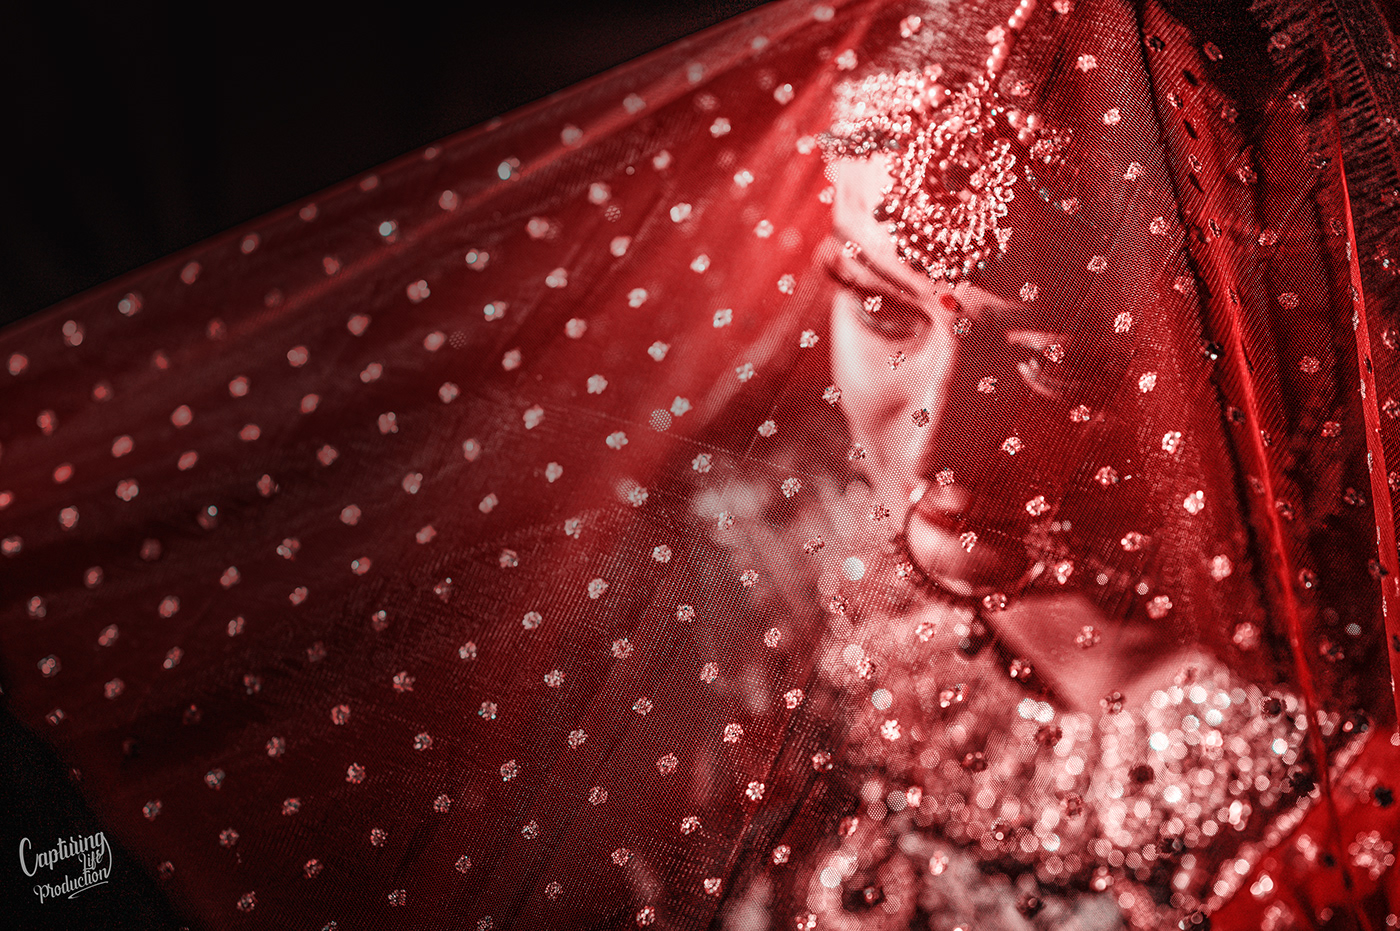 Image may contain: rain and human face